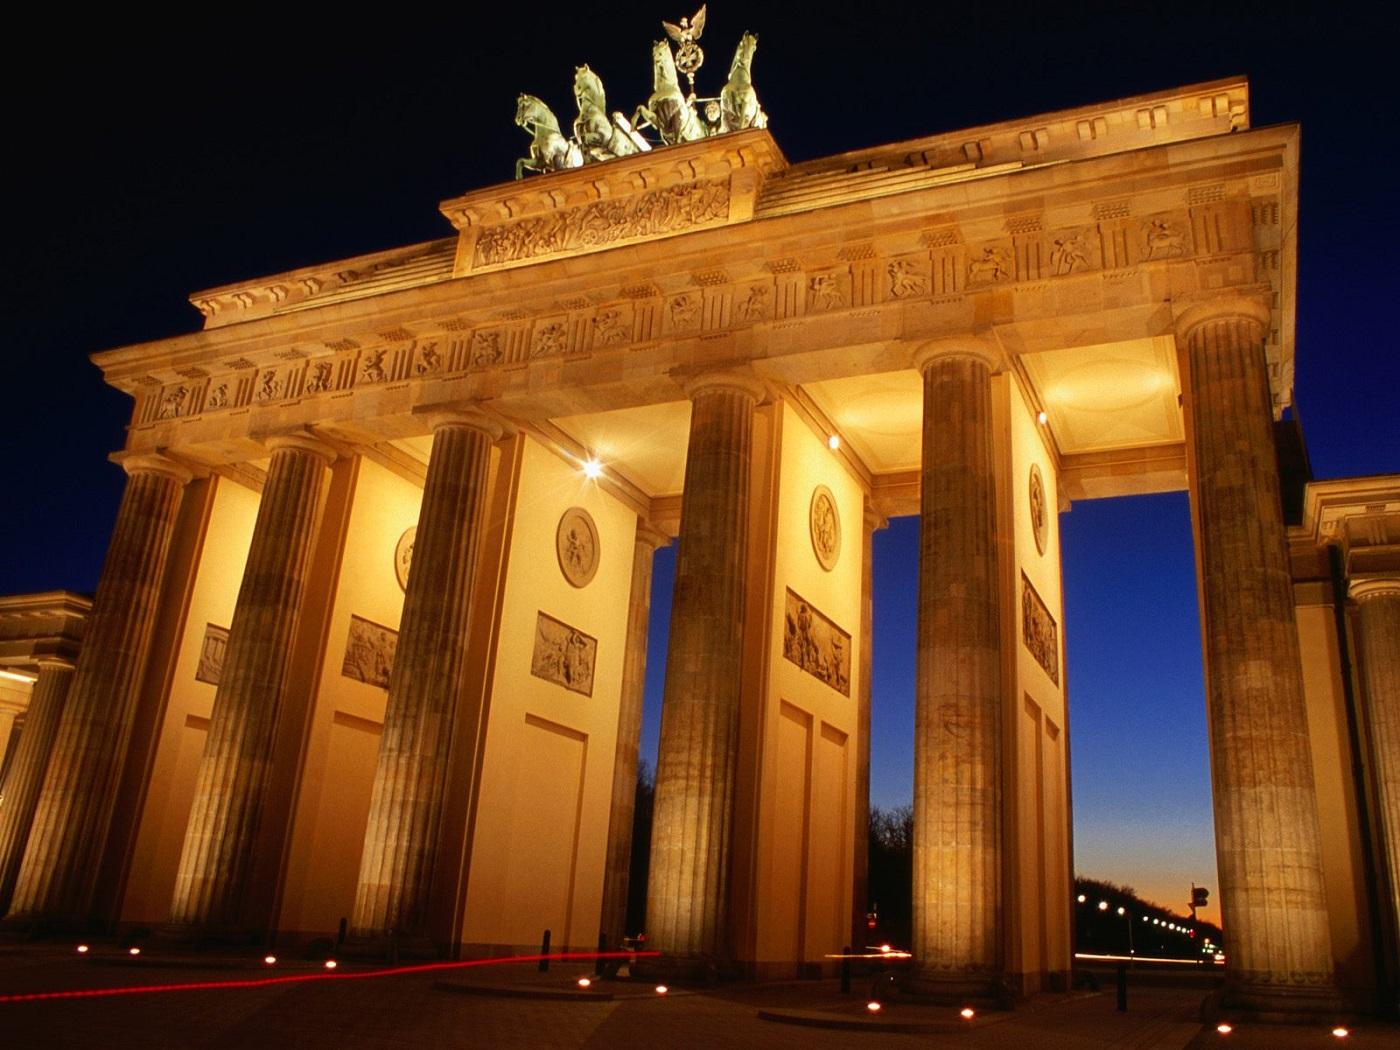 Poarta Brandenburg, o operă arhitecturală incontestabilă în inima Berlinului